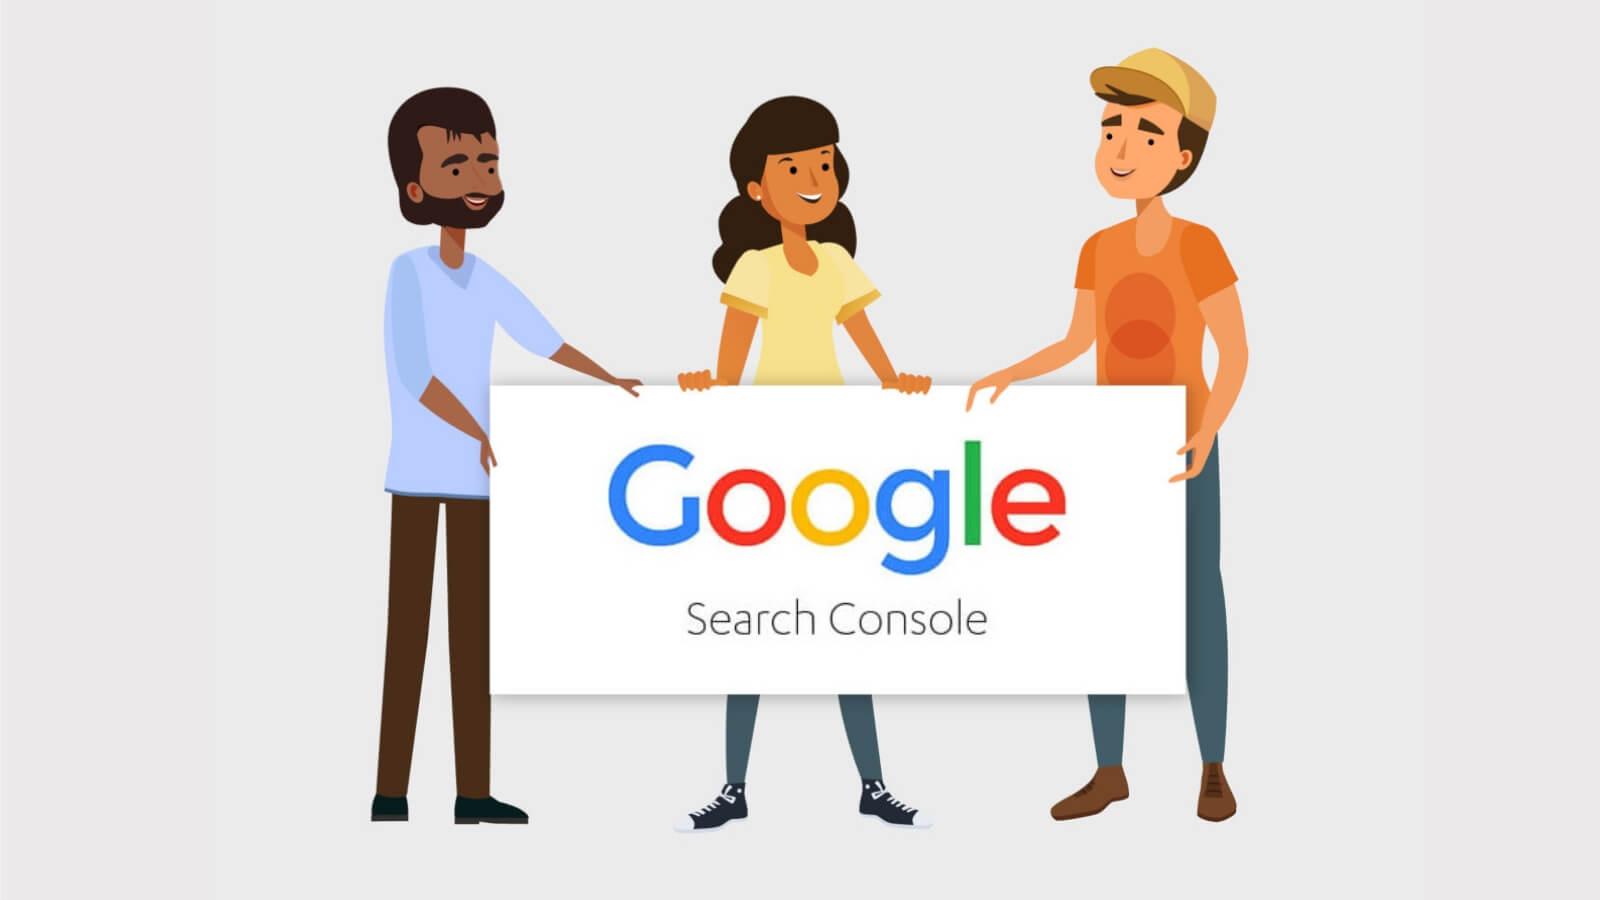 Jak zainstalować Google Search Console i dodać stronę www